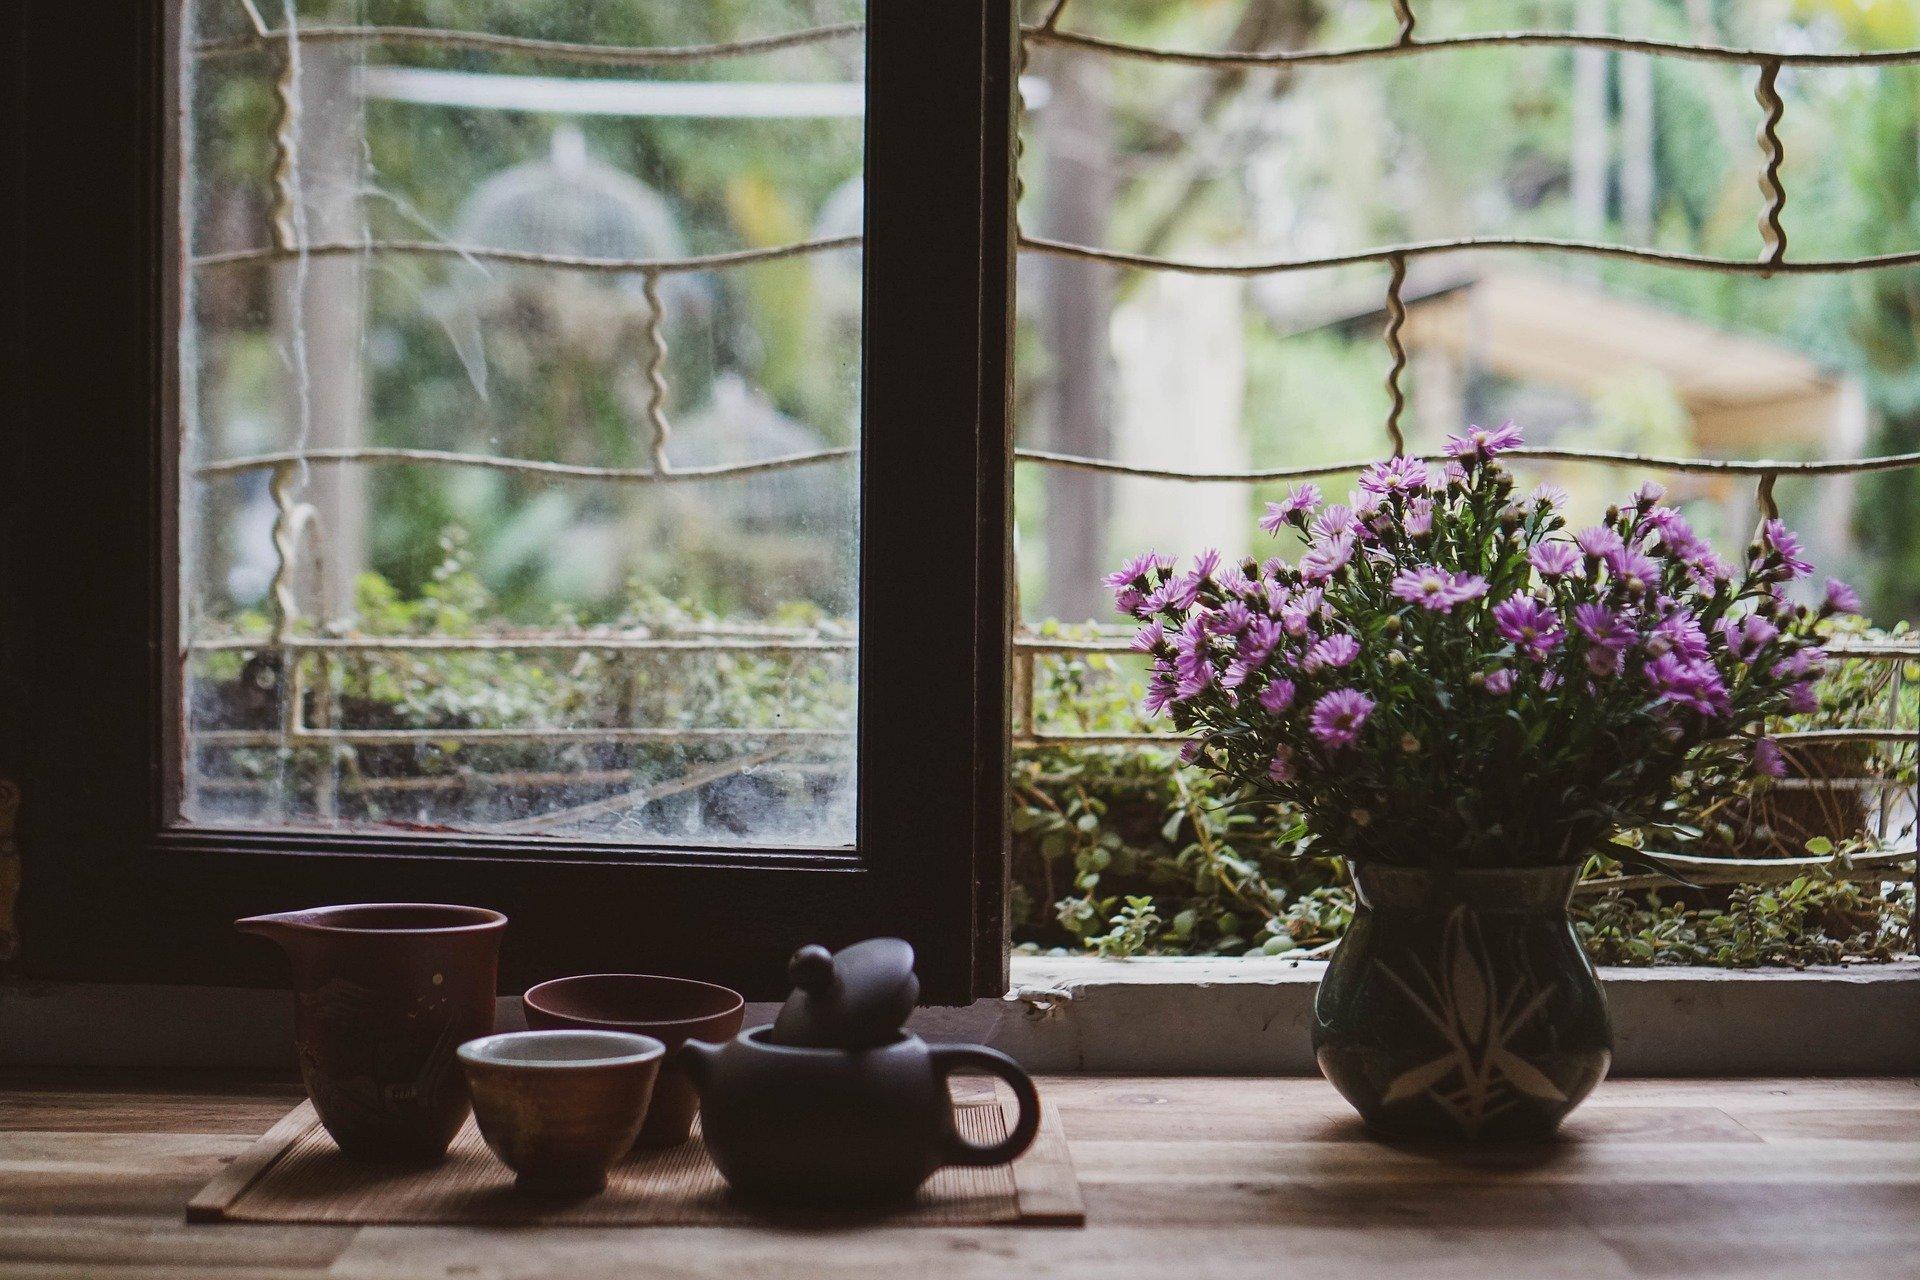 su un tavolo davanti ad una finestra, tazze di the e un vaso con un mazzo di fiori viola